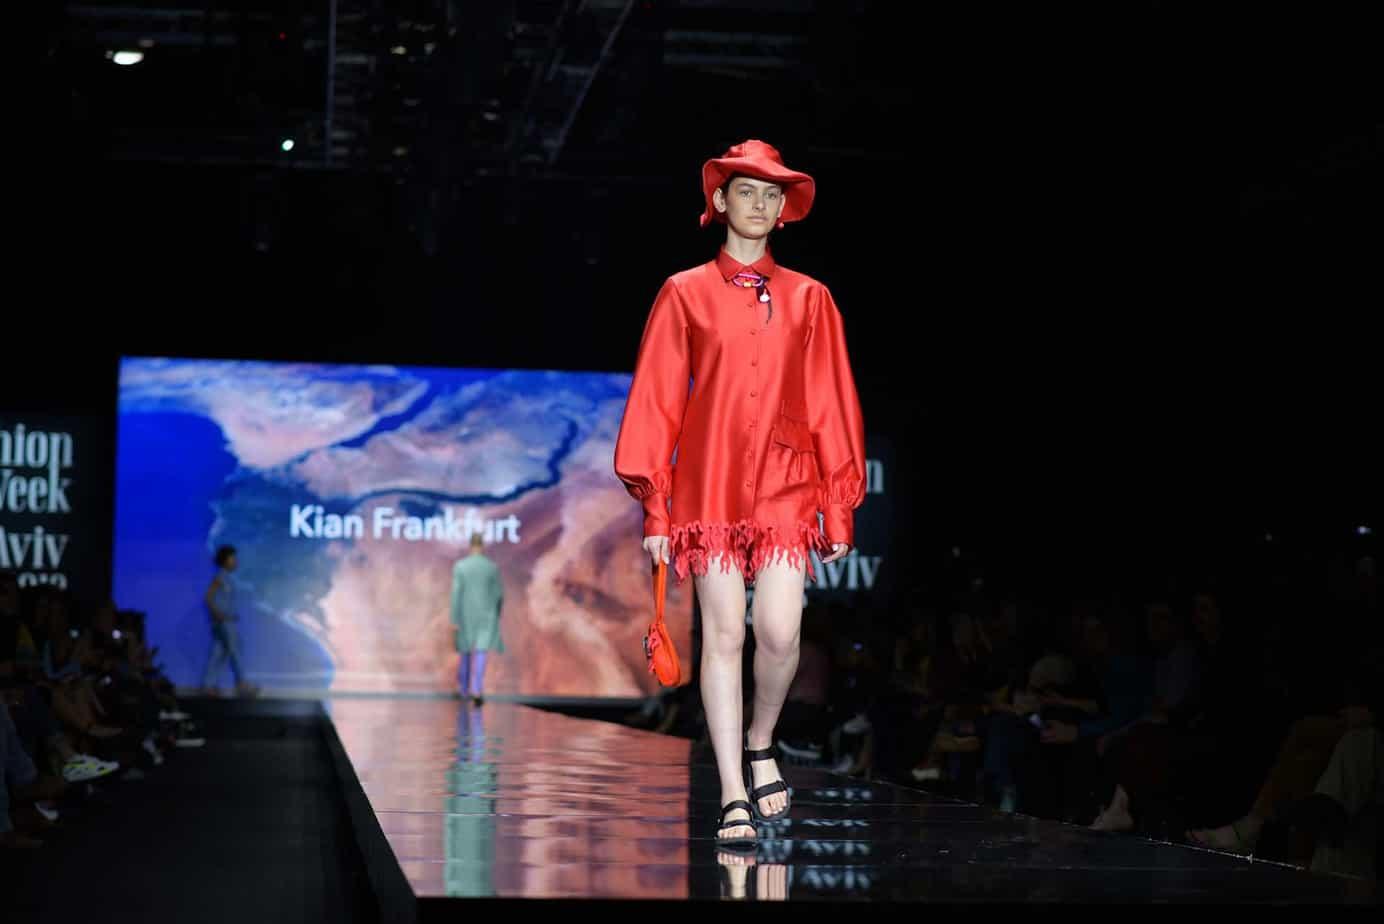 שורש. שבוע האופנה תל אביב 2019, צילום סרגו סטרודובצב - 11